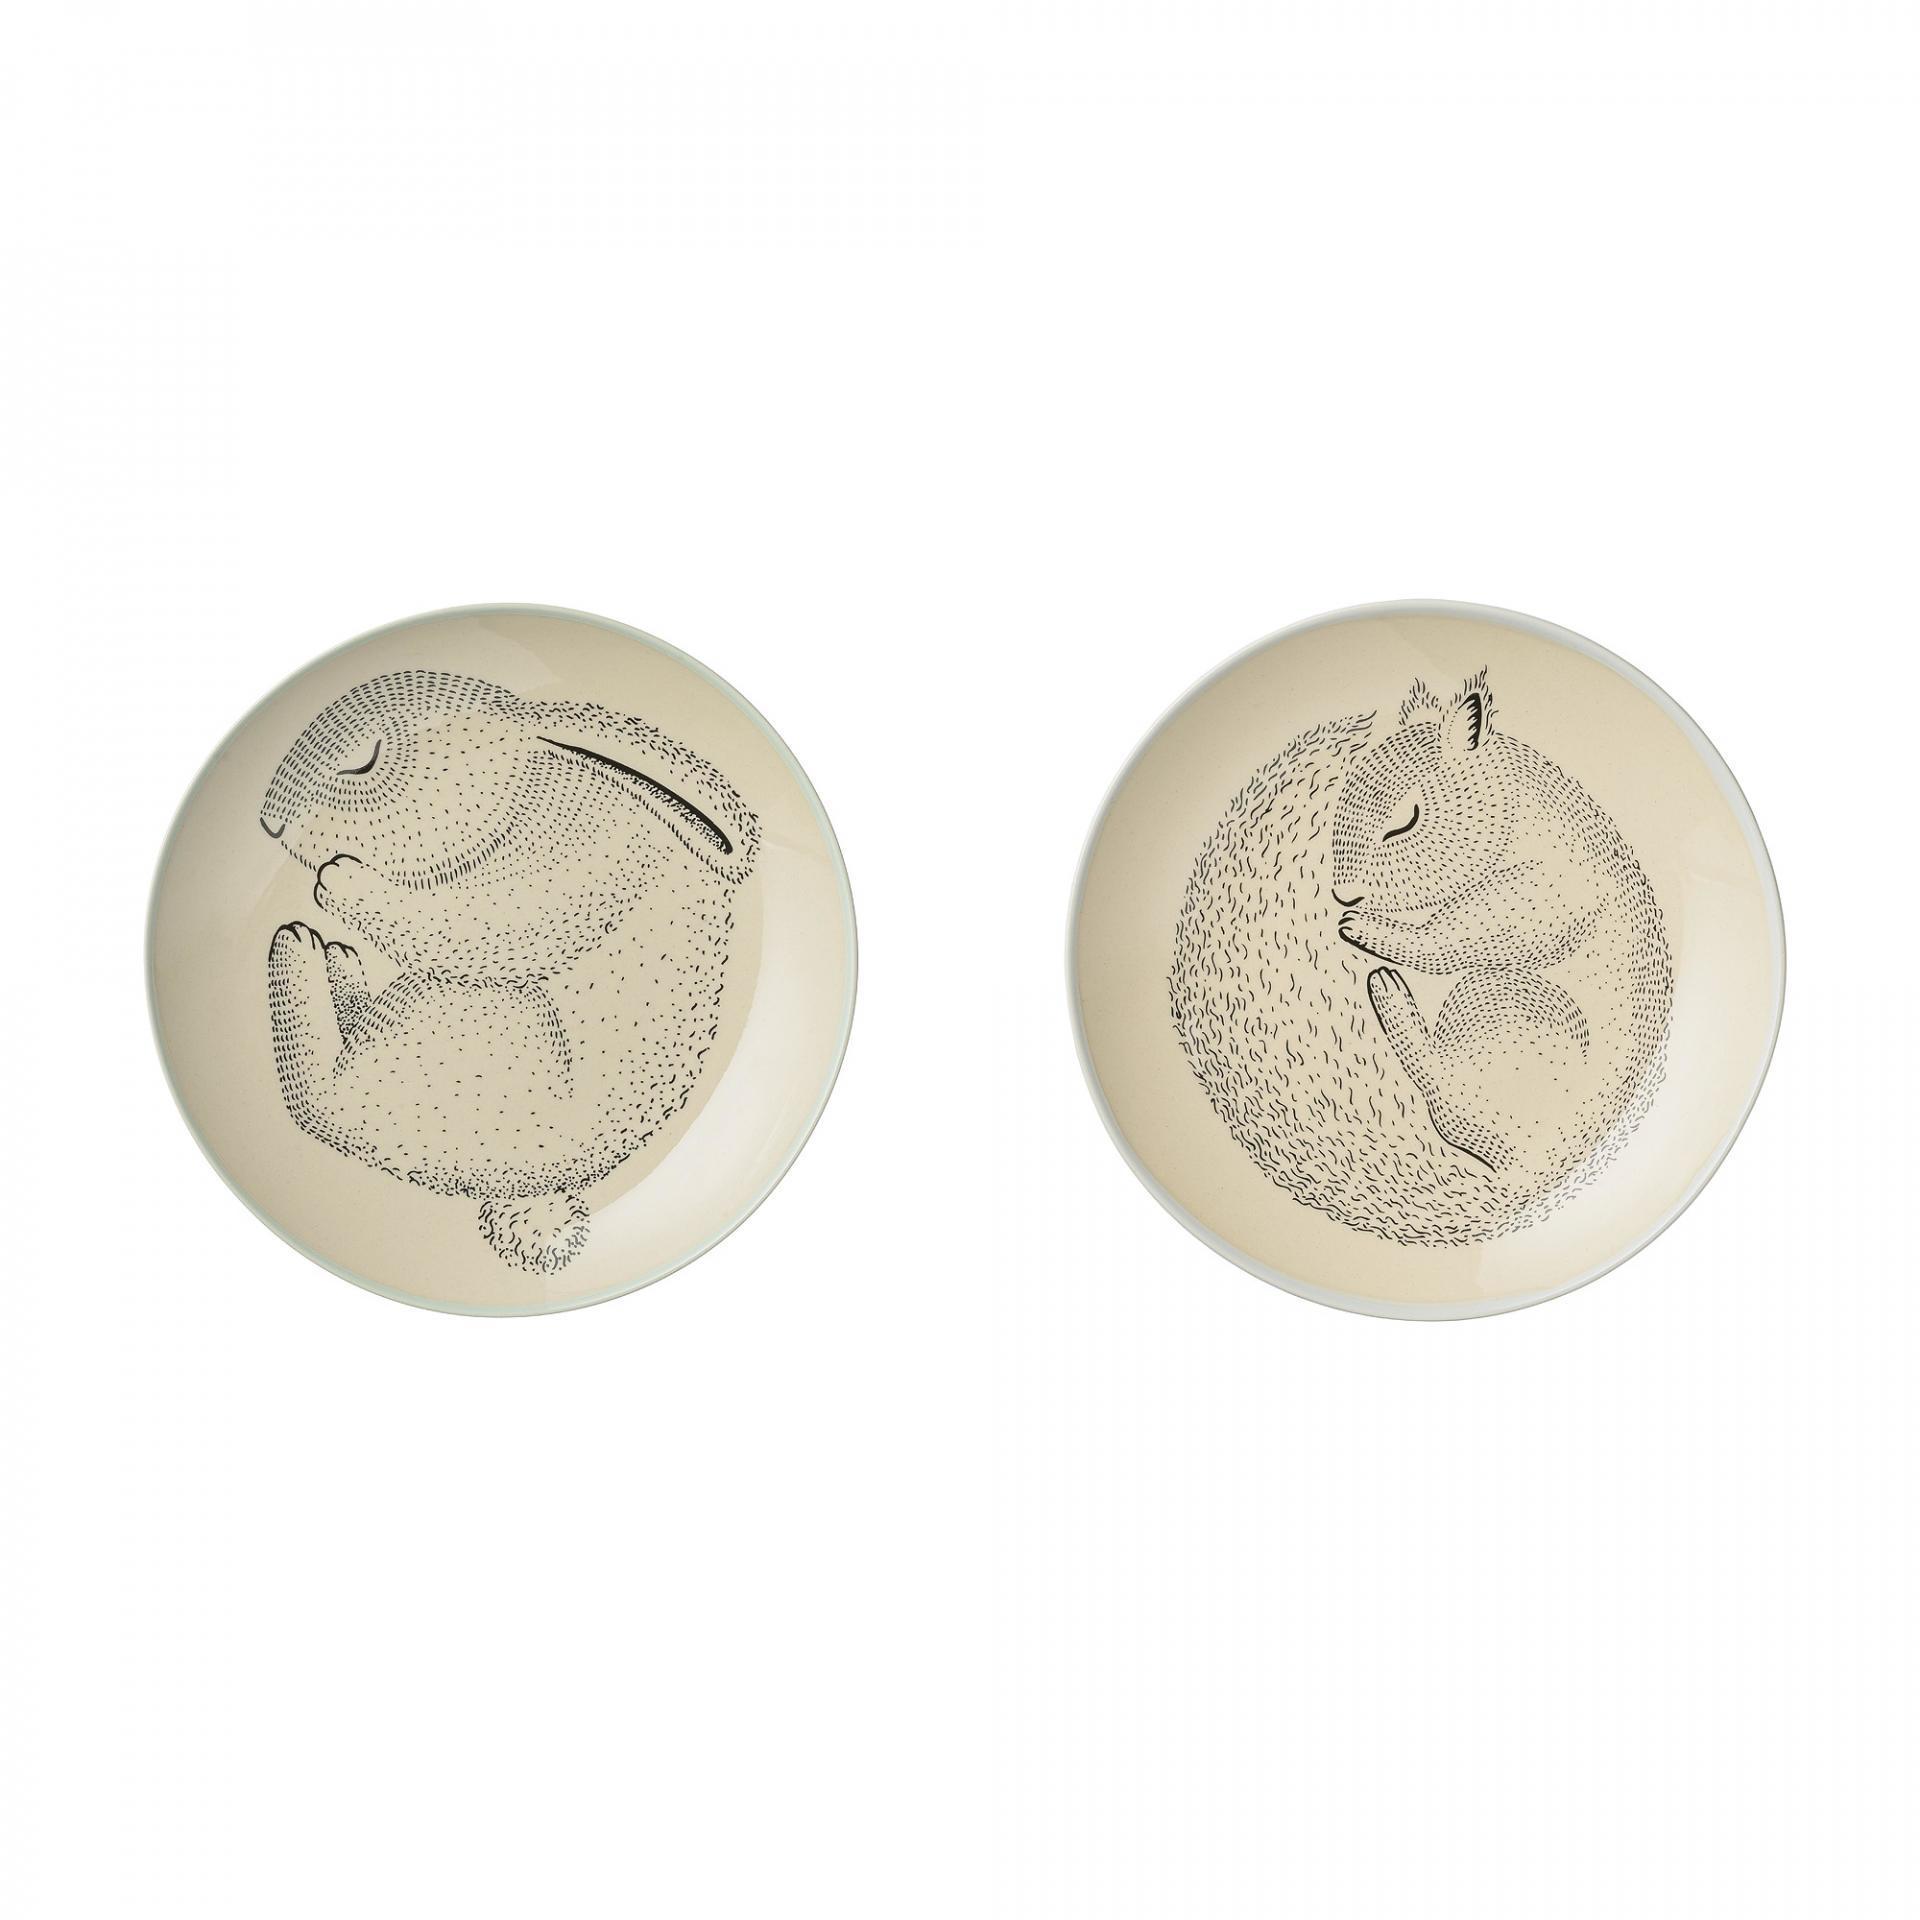 Bloomingville Keramický talířek Adelynn Animals - 2 druhy Veverka, béžová barva, keramika